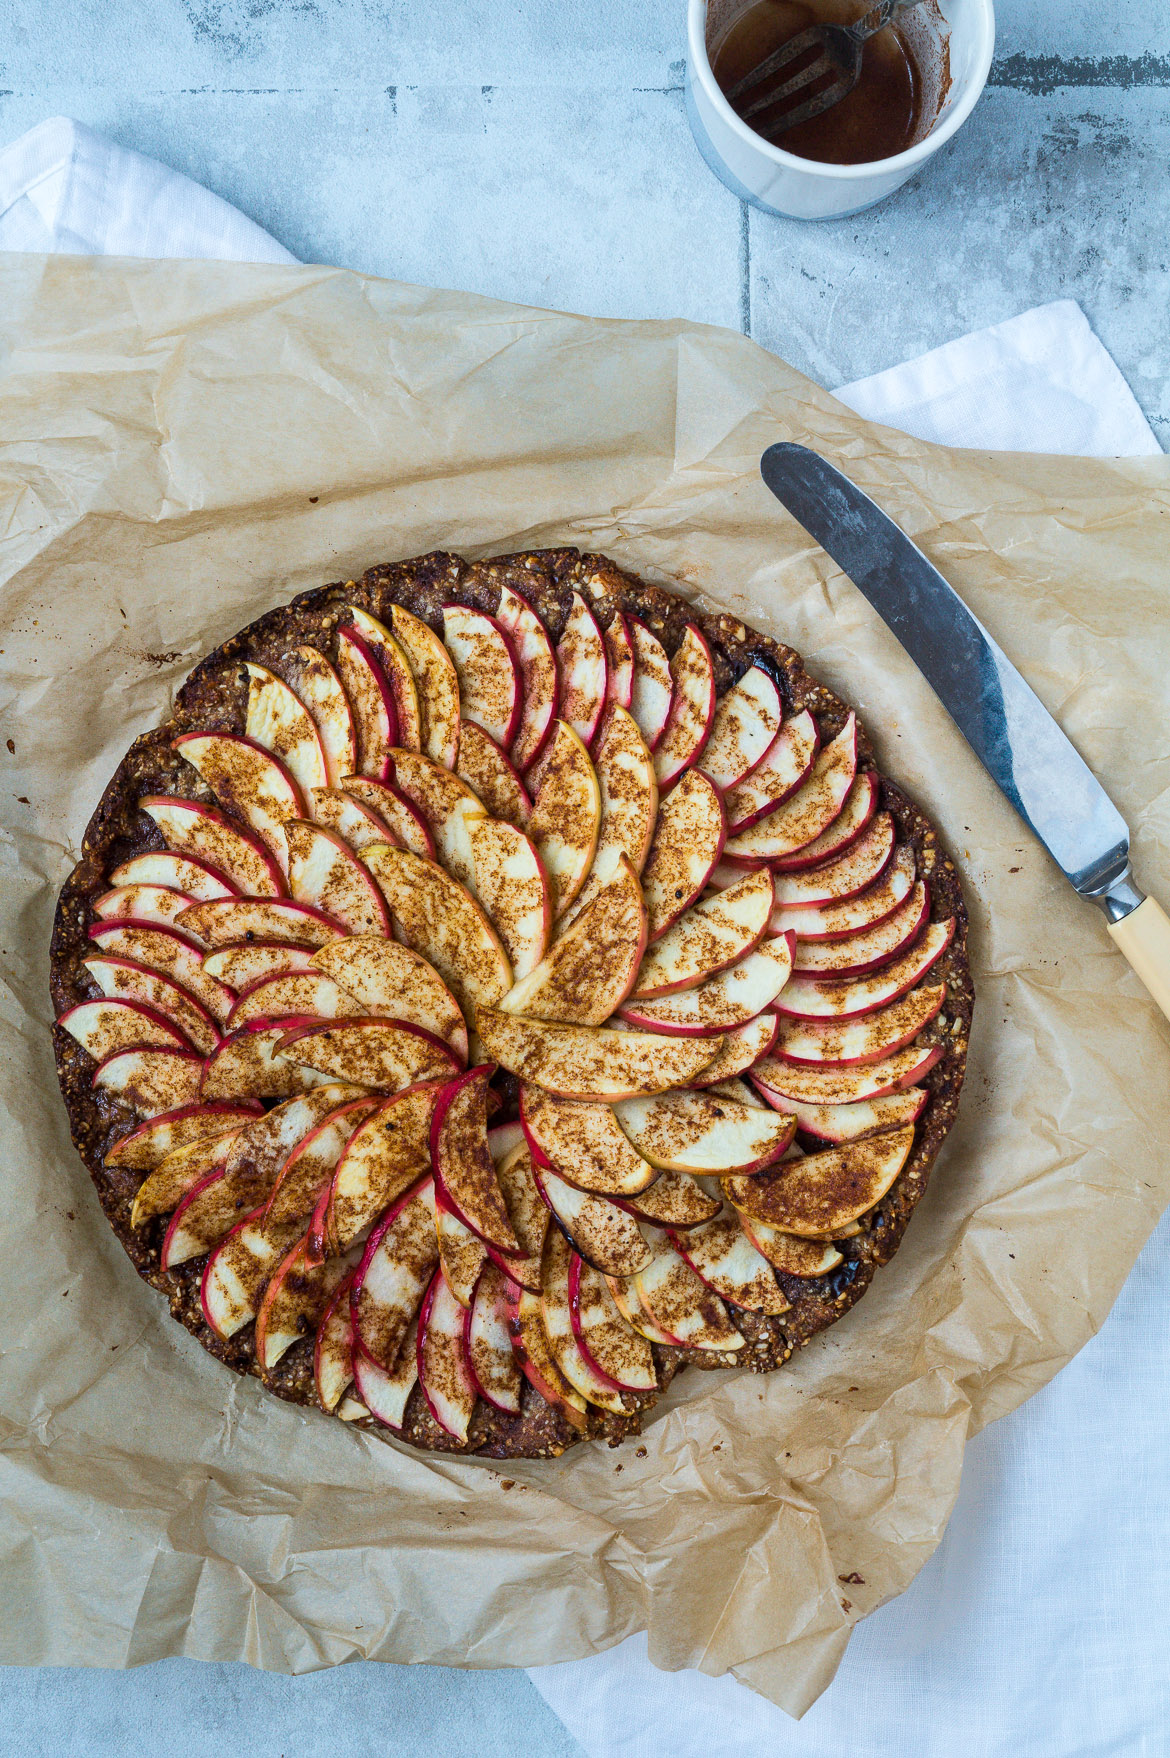 Sundere æbletærte